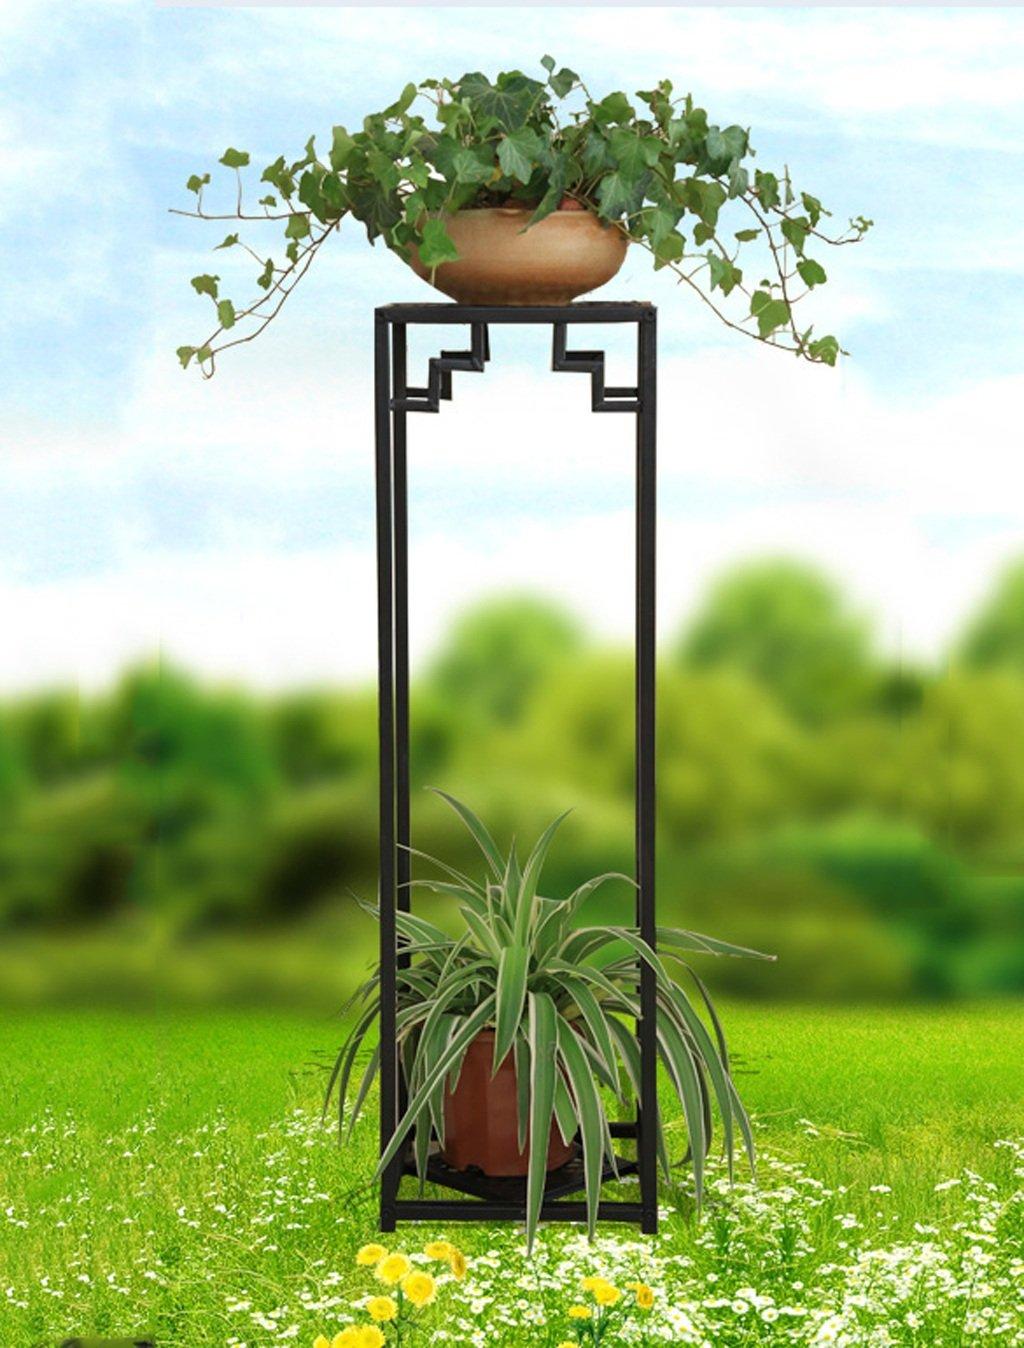 ZENGAI フラワーポット棚、フラワーラック、植物スタンドアイアンフラワーフレームフロアスタイルのマルチレイヤーポット屋内と屋外ハンギング蘭の棚 フラワースタンド (色 : A, サイズ さいず : 99.5*28cm) B07B6VT1JM 99.5*28cm|A